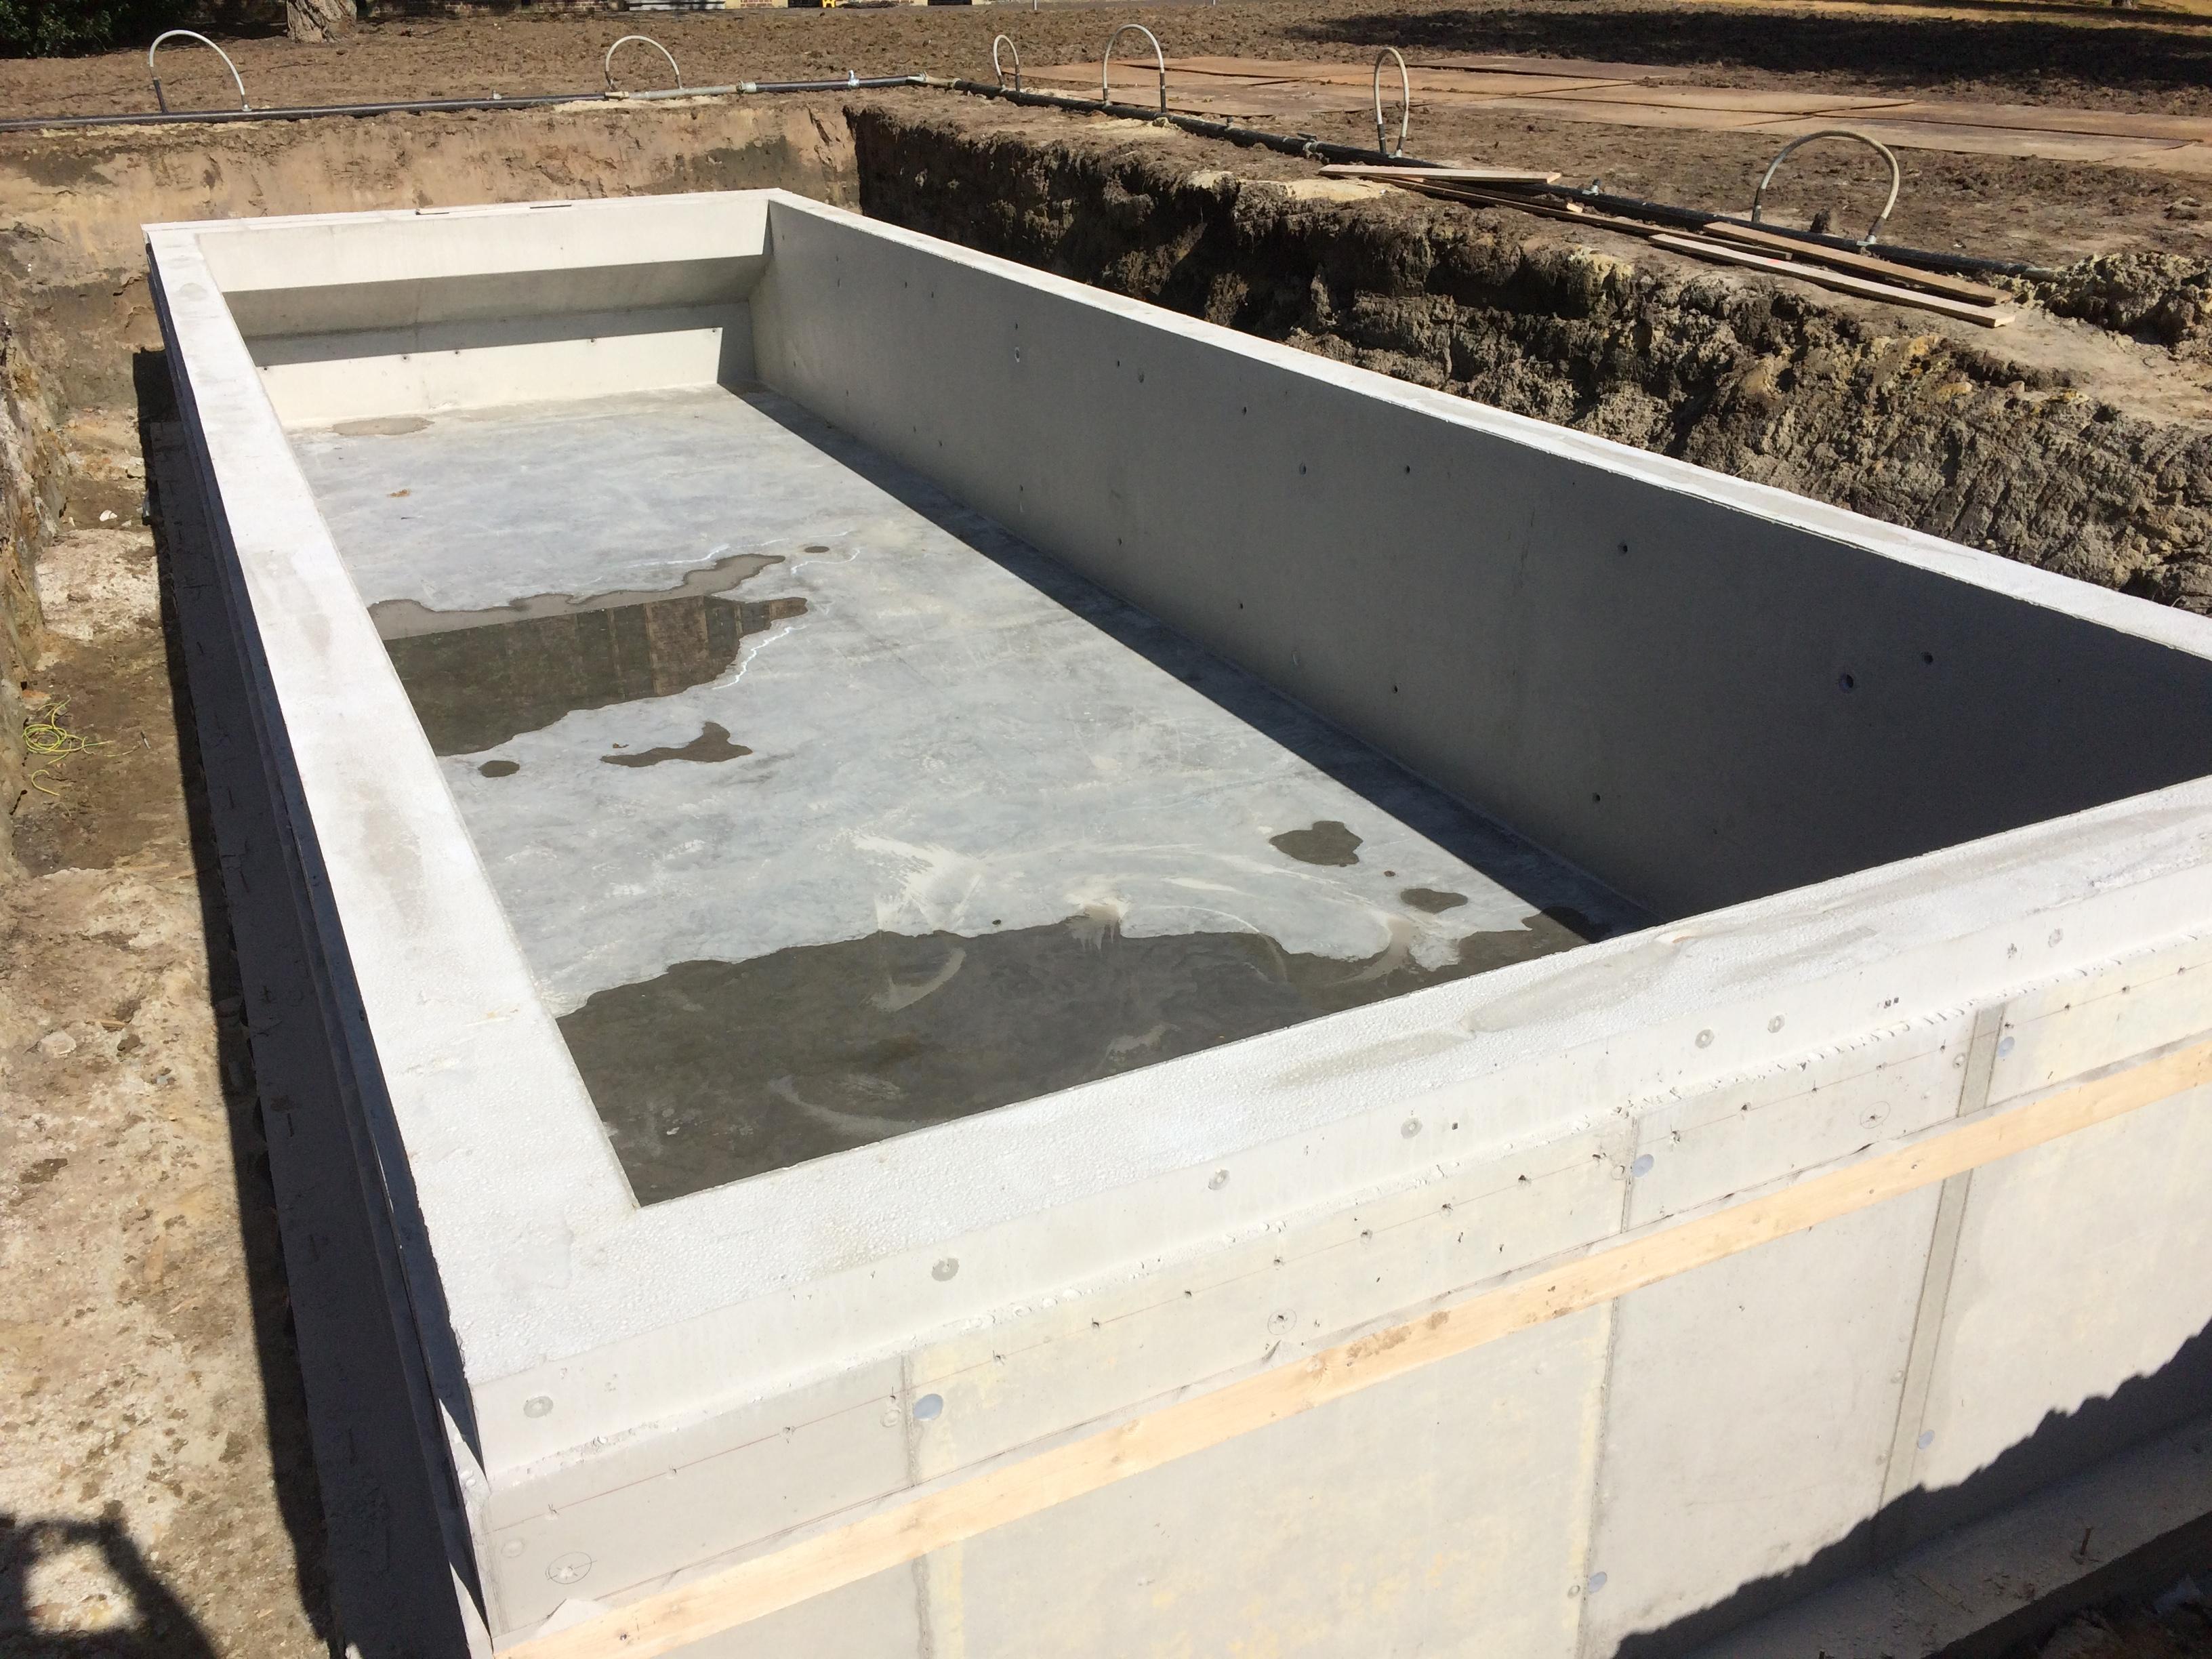 De basis van het zwembad bij het begin van de aanleg.